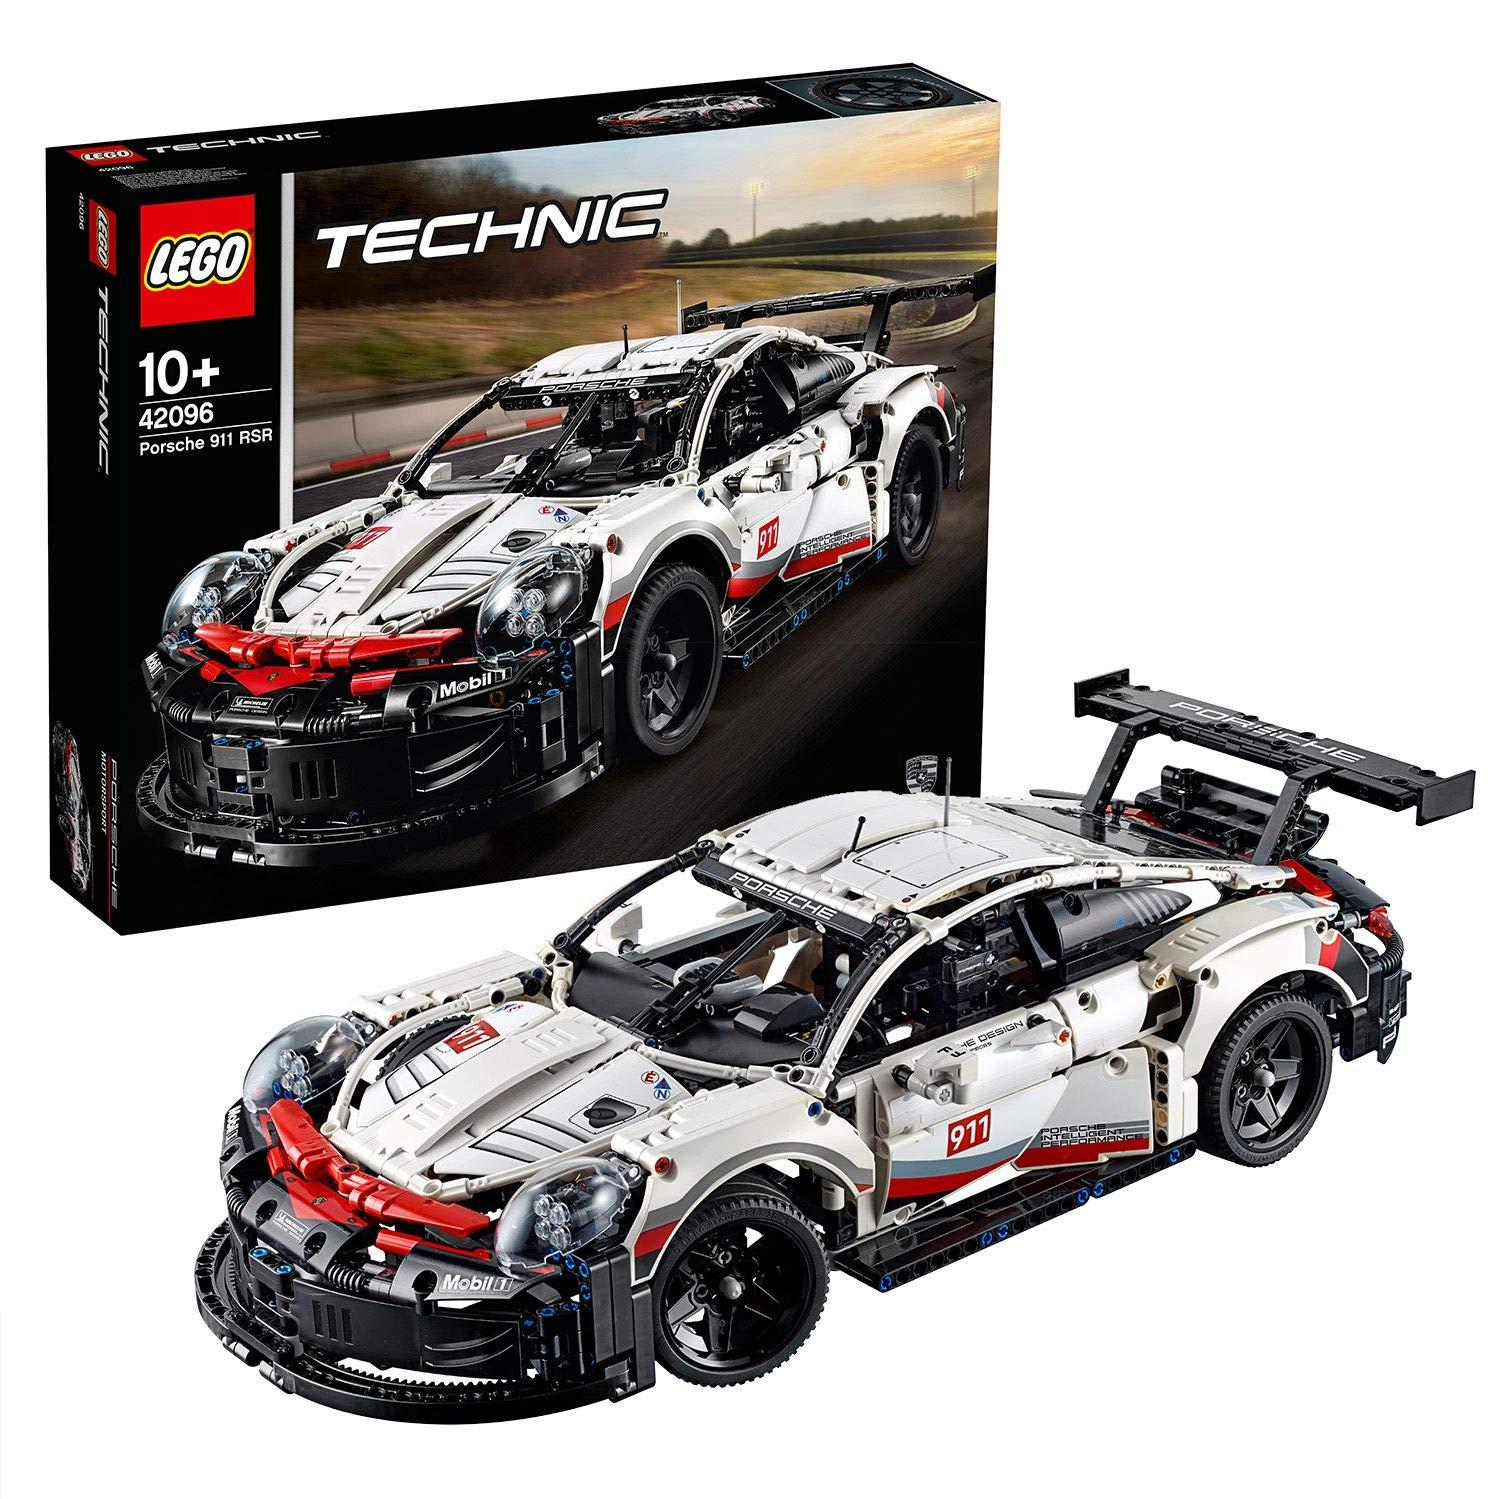 Jeu de construction Lego Technic Porsche 911 RSR (42096)